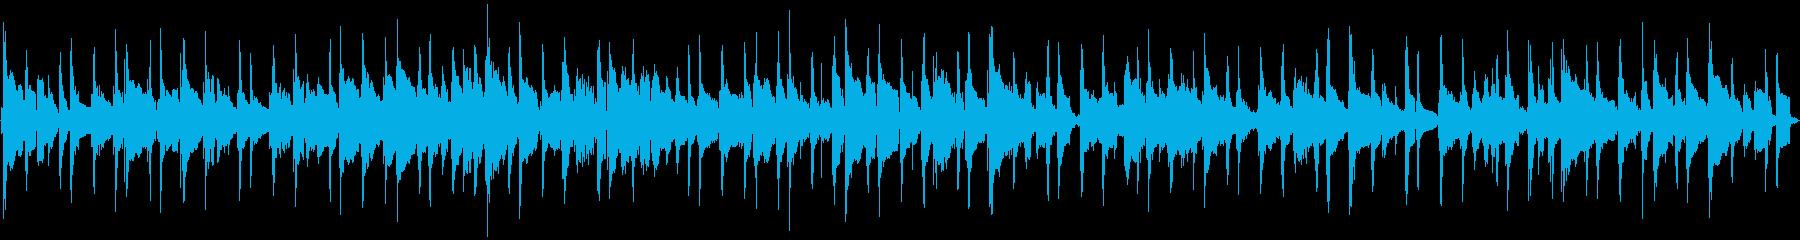 楽しく可愛いウクレレポップ(38秒の再生済みの波形